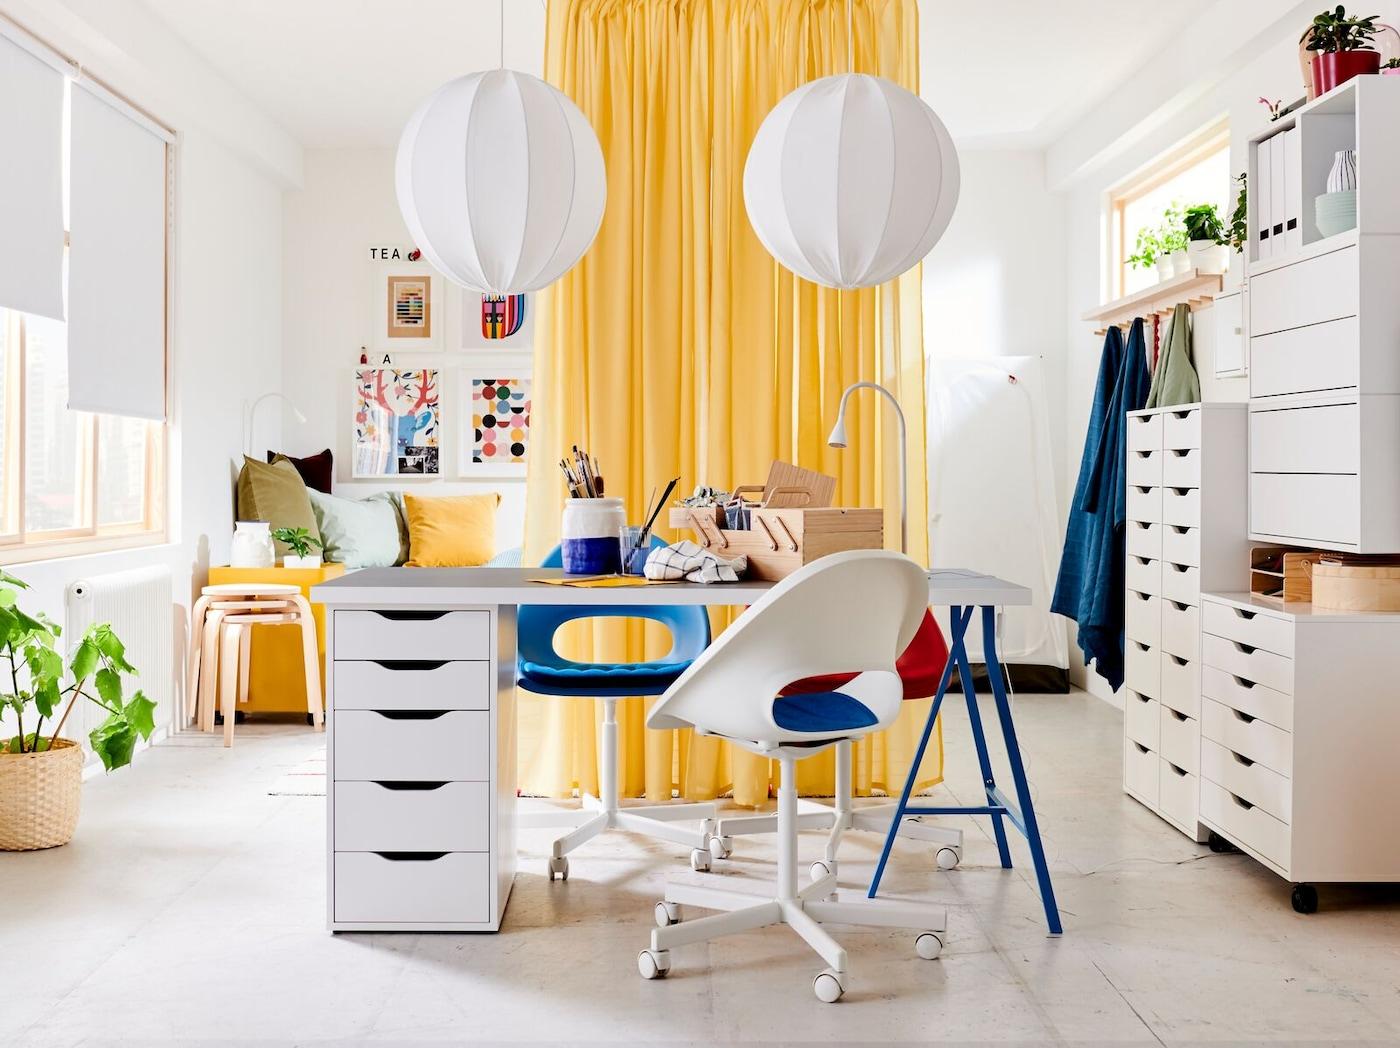 Nyheten ELDBERGET skrivbordsstol i en skandinavisk kontorsmiljö. Med en vit bas av möbler med färgglada textilier.